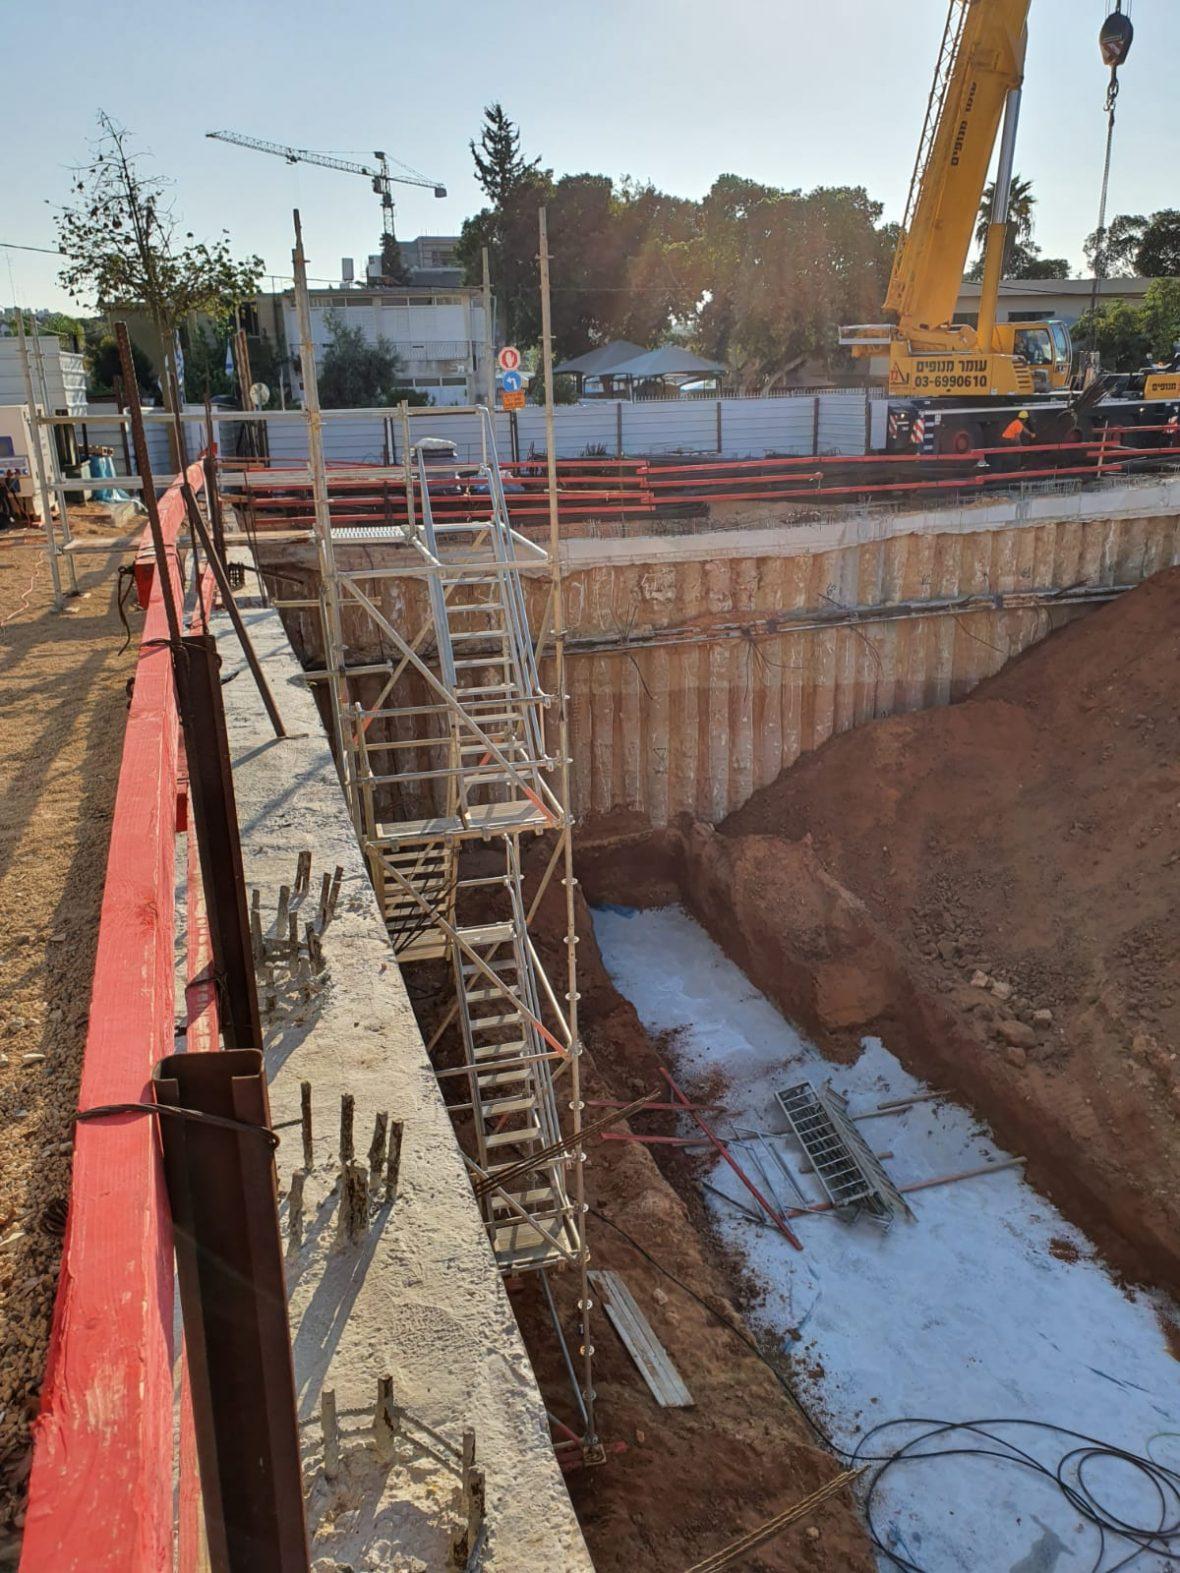 סטטוס בניה- סיום חפירות לתחתית היסודות לפרויקט. 25.10.2019